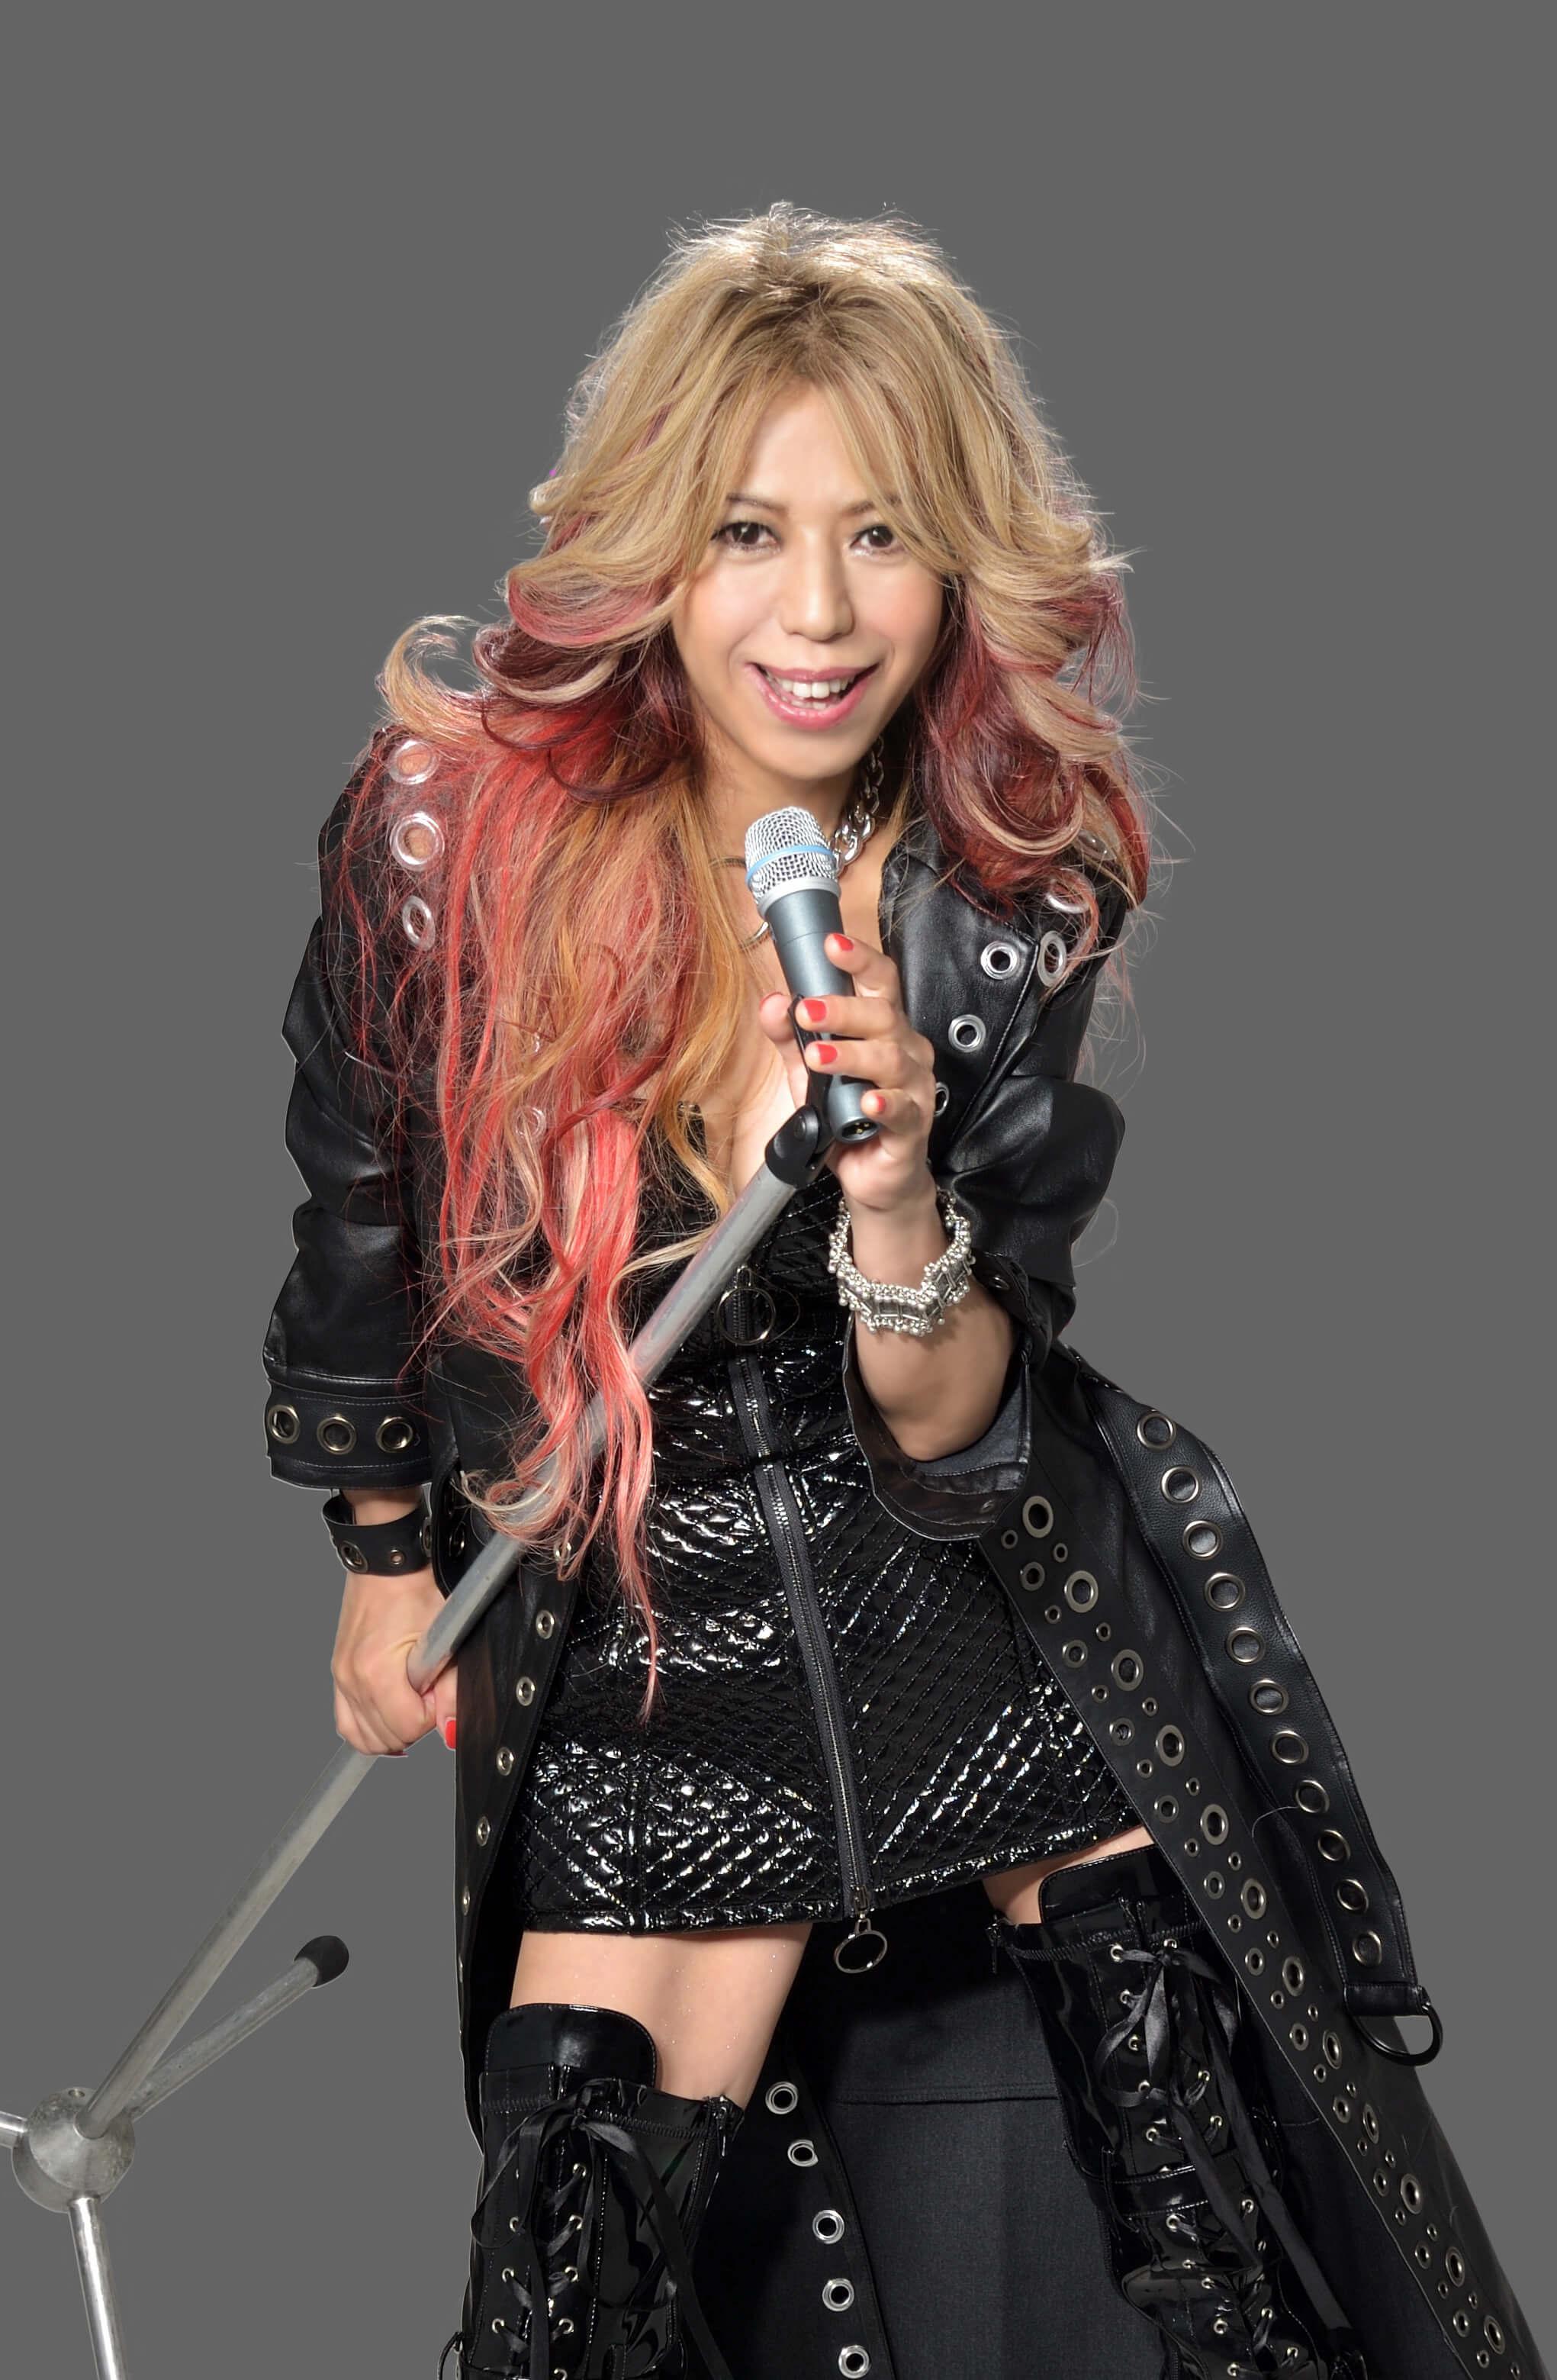 8月28日(土)の放送にSHOW-YAのボーカル・寺田恵子がゲスト出演決定